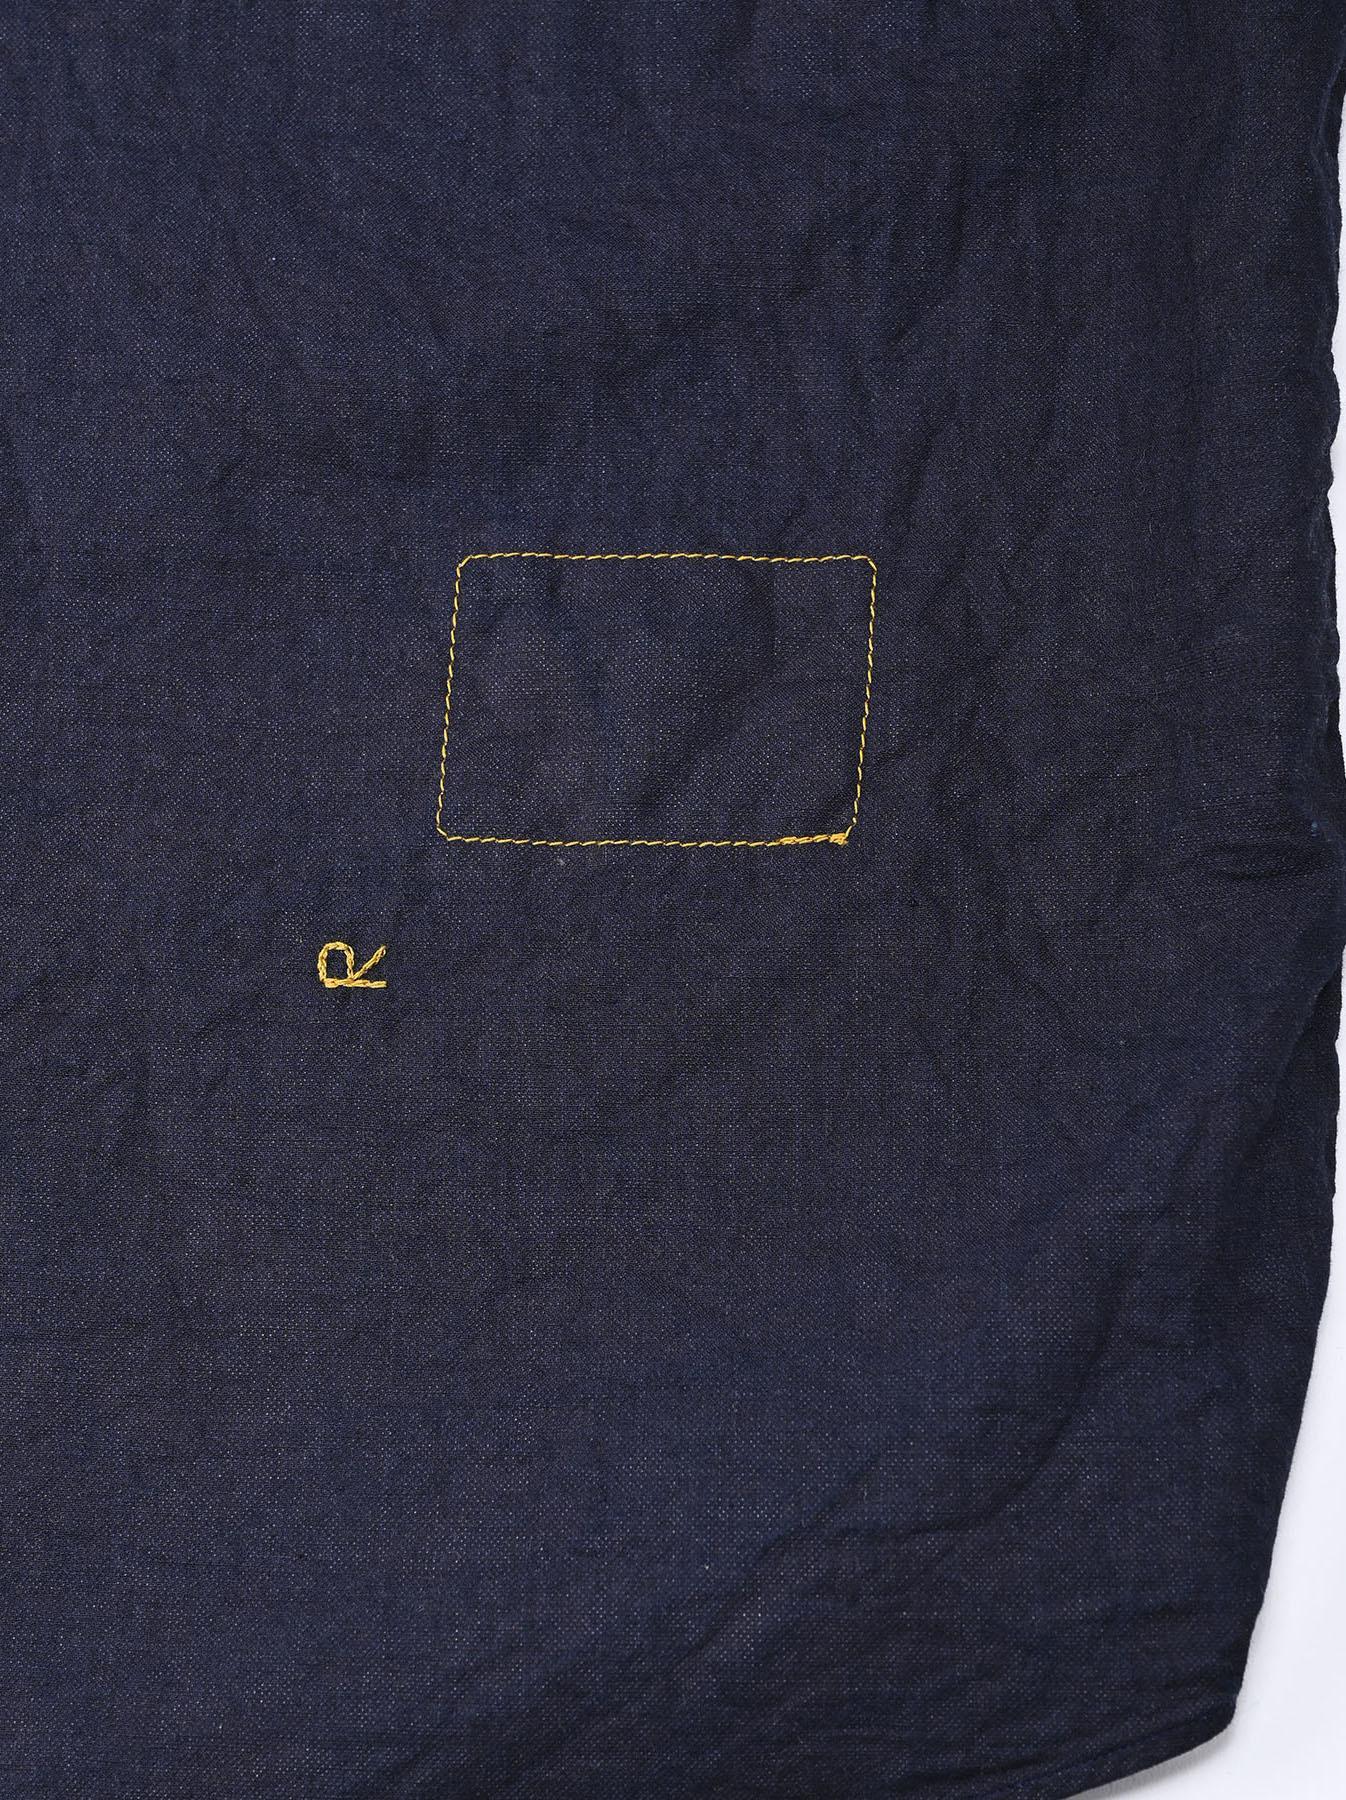 Indigo Gauze 908 Ocean Shirt-11